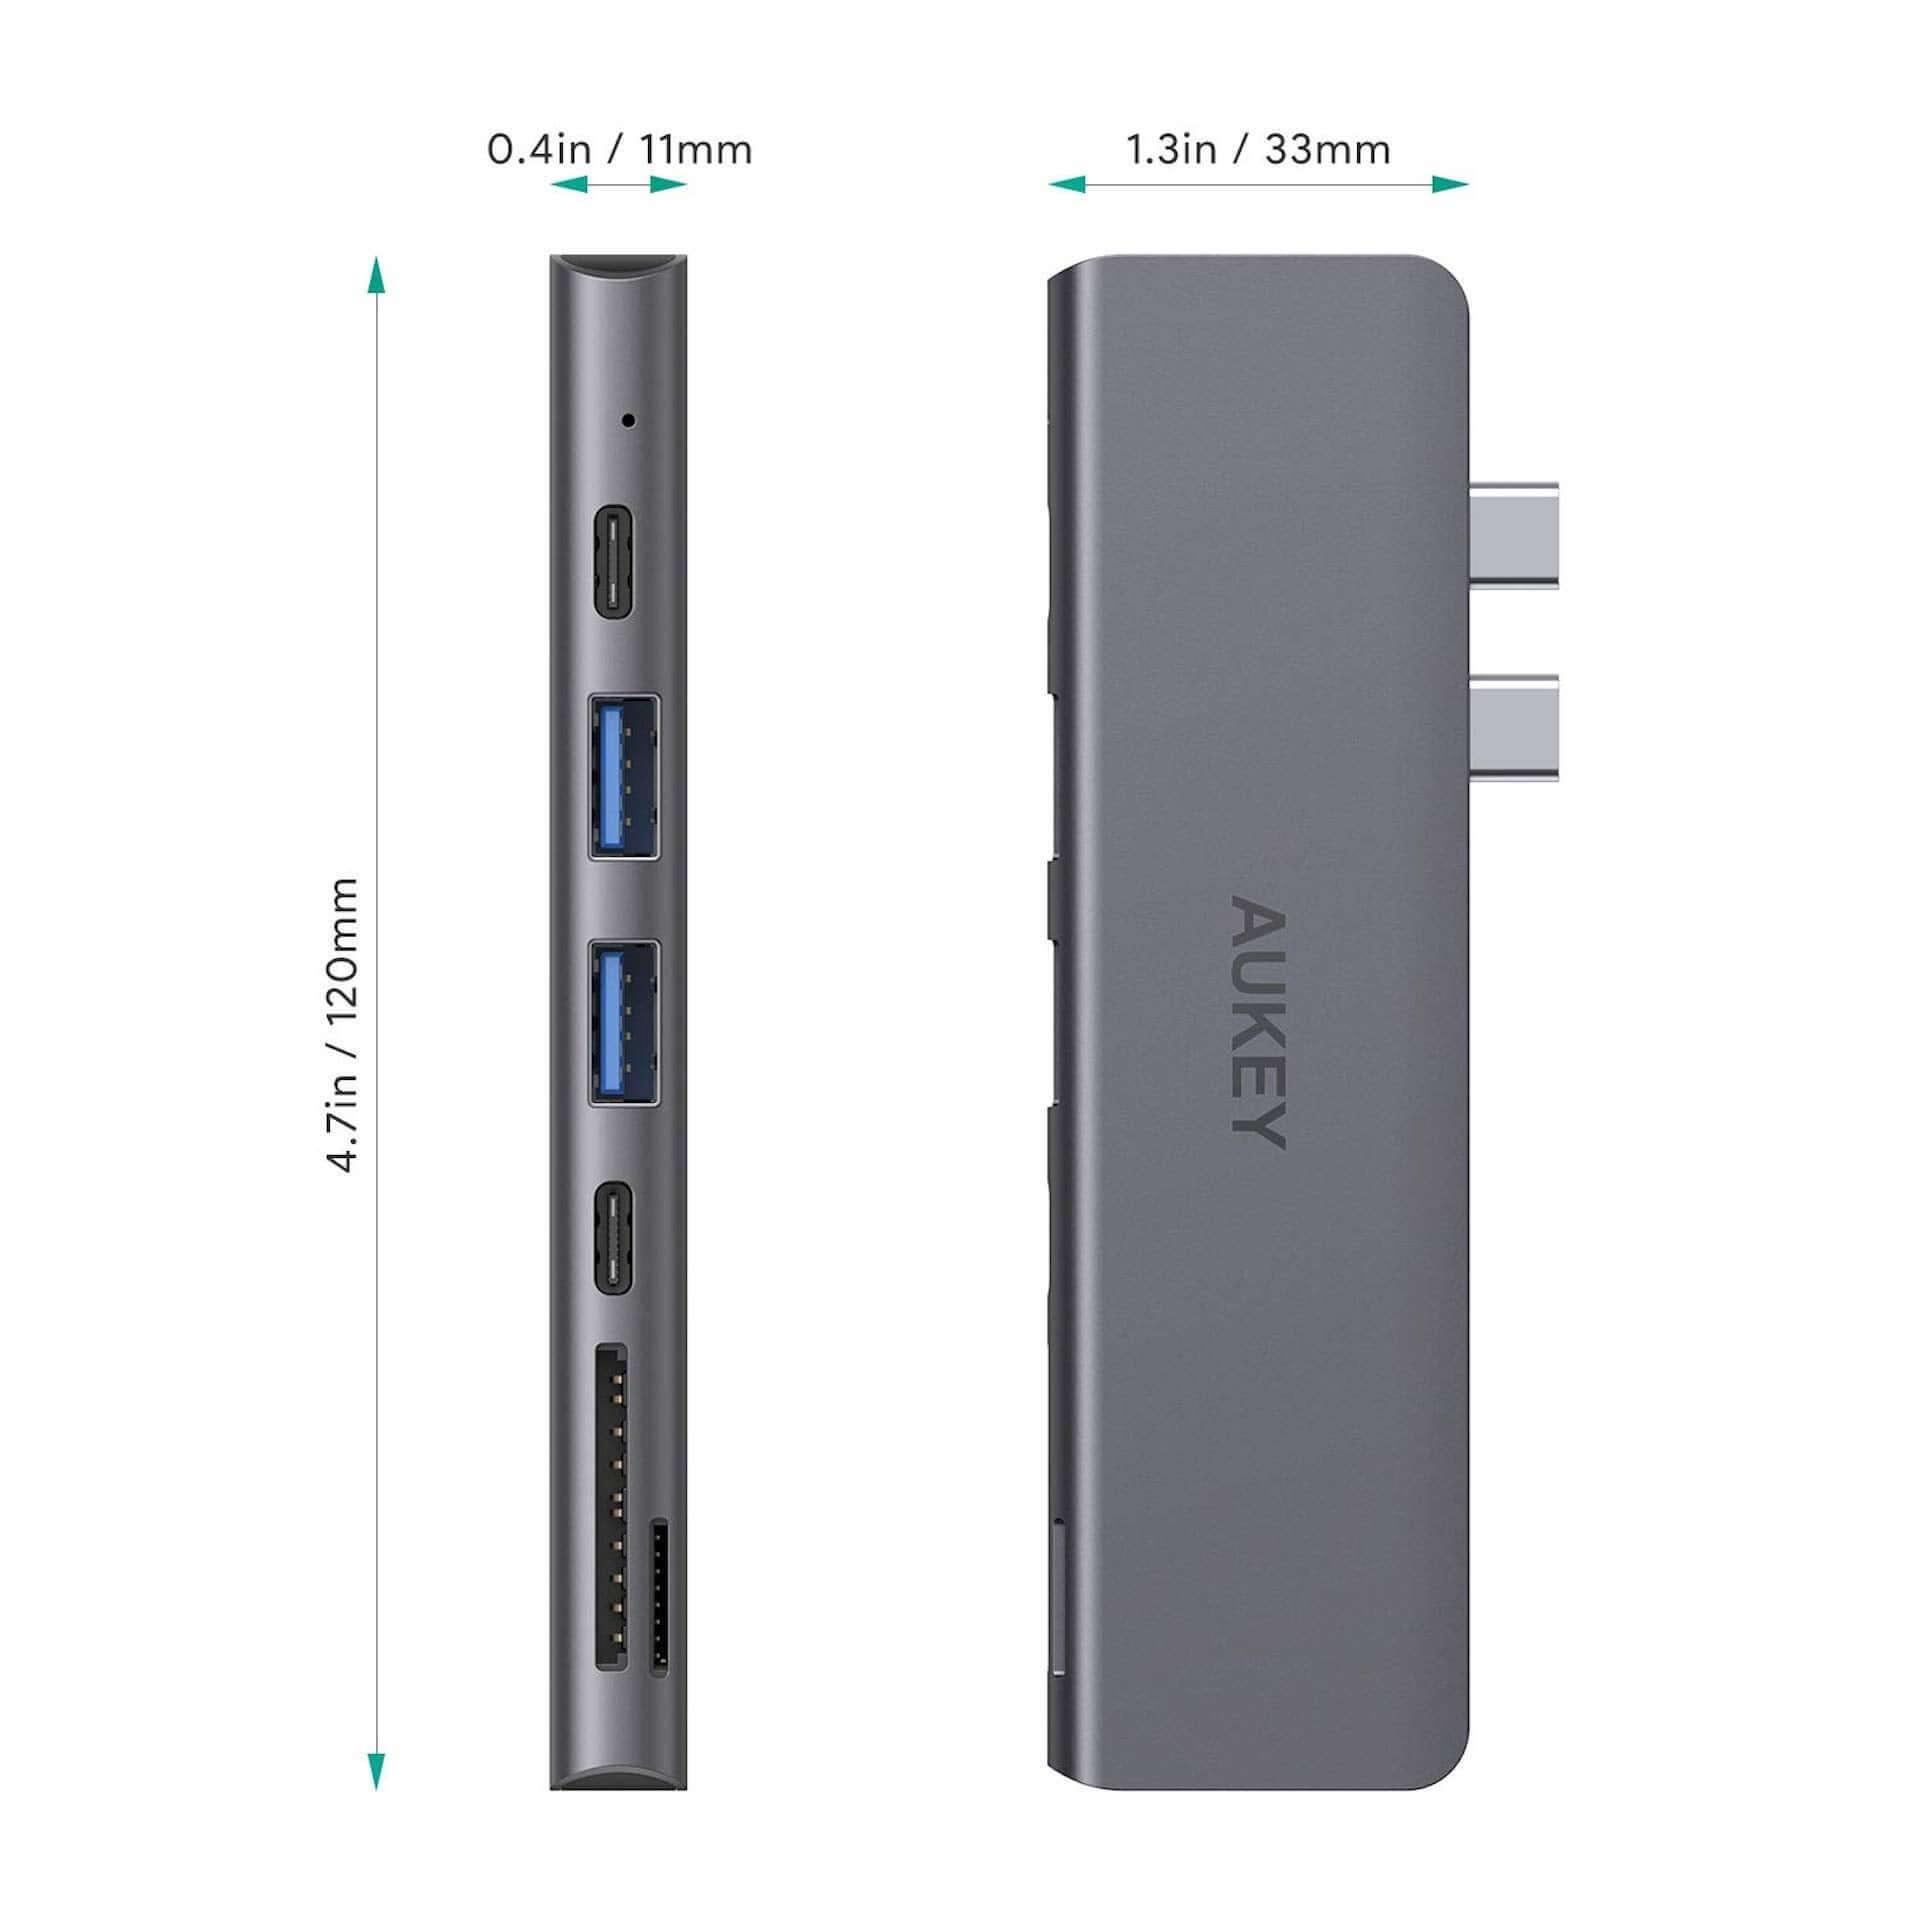 USB 3.0ポート×2、HDMI&SDなど7つのポートが1つに!AUKEYマルチハブがお手頃価格で登場 tech190823aukey-multihub_5-1920x1920